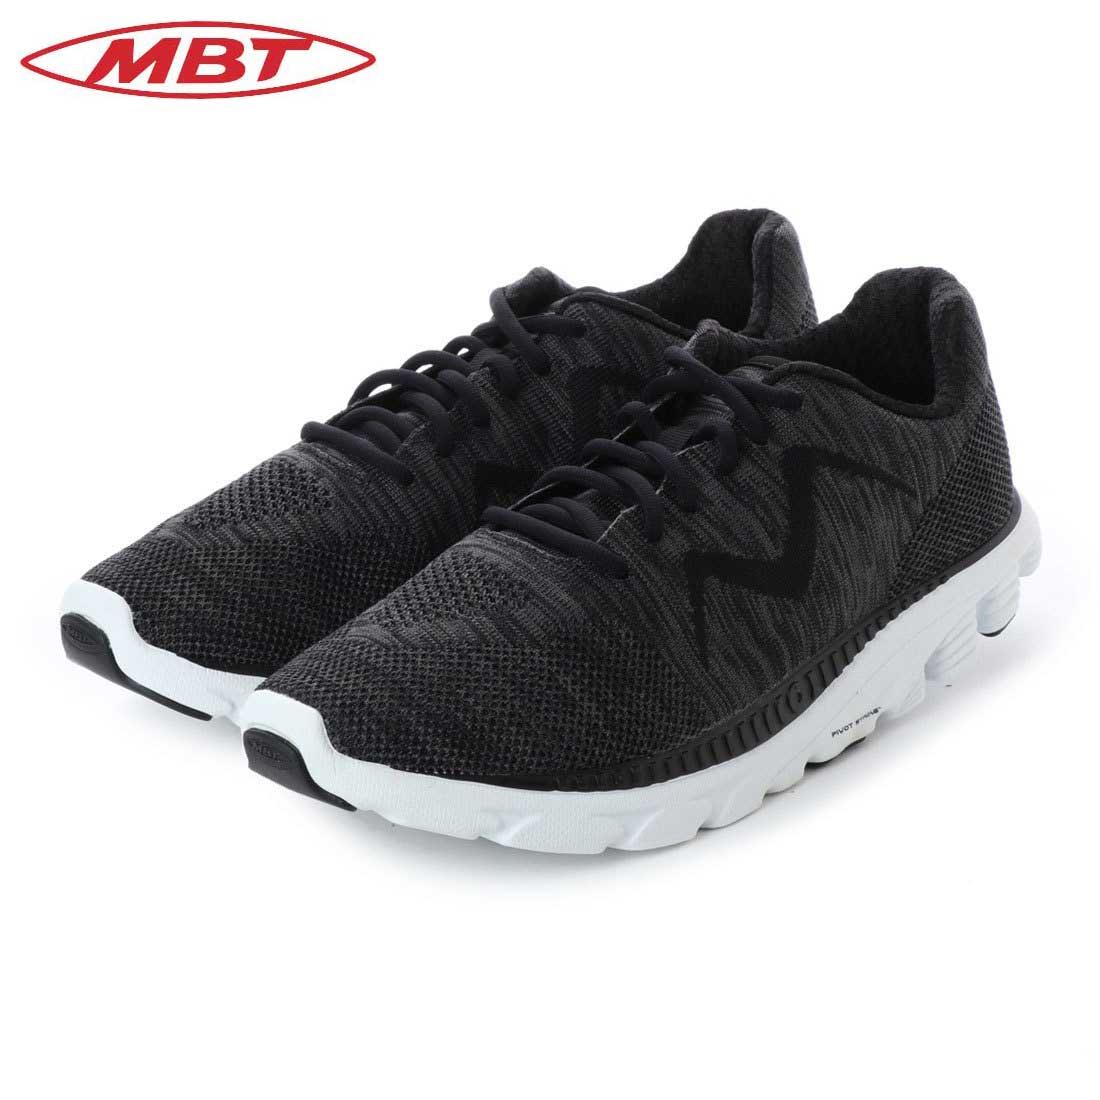 MBT エムビーティー SPEED MIX M ブラック/グレー 702031-26M(メンズ)FAST 「靴」